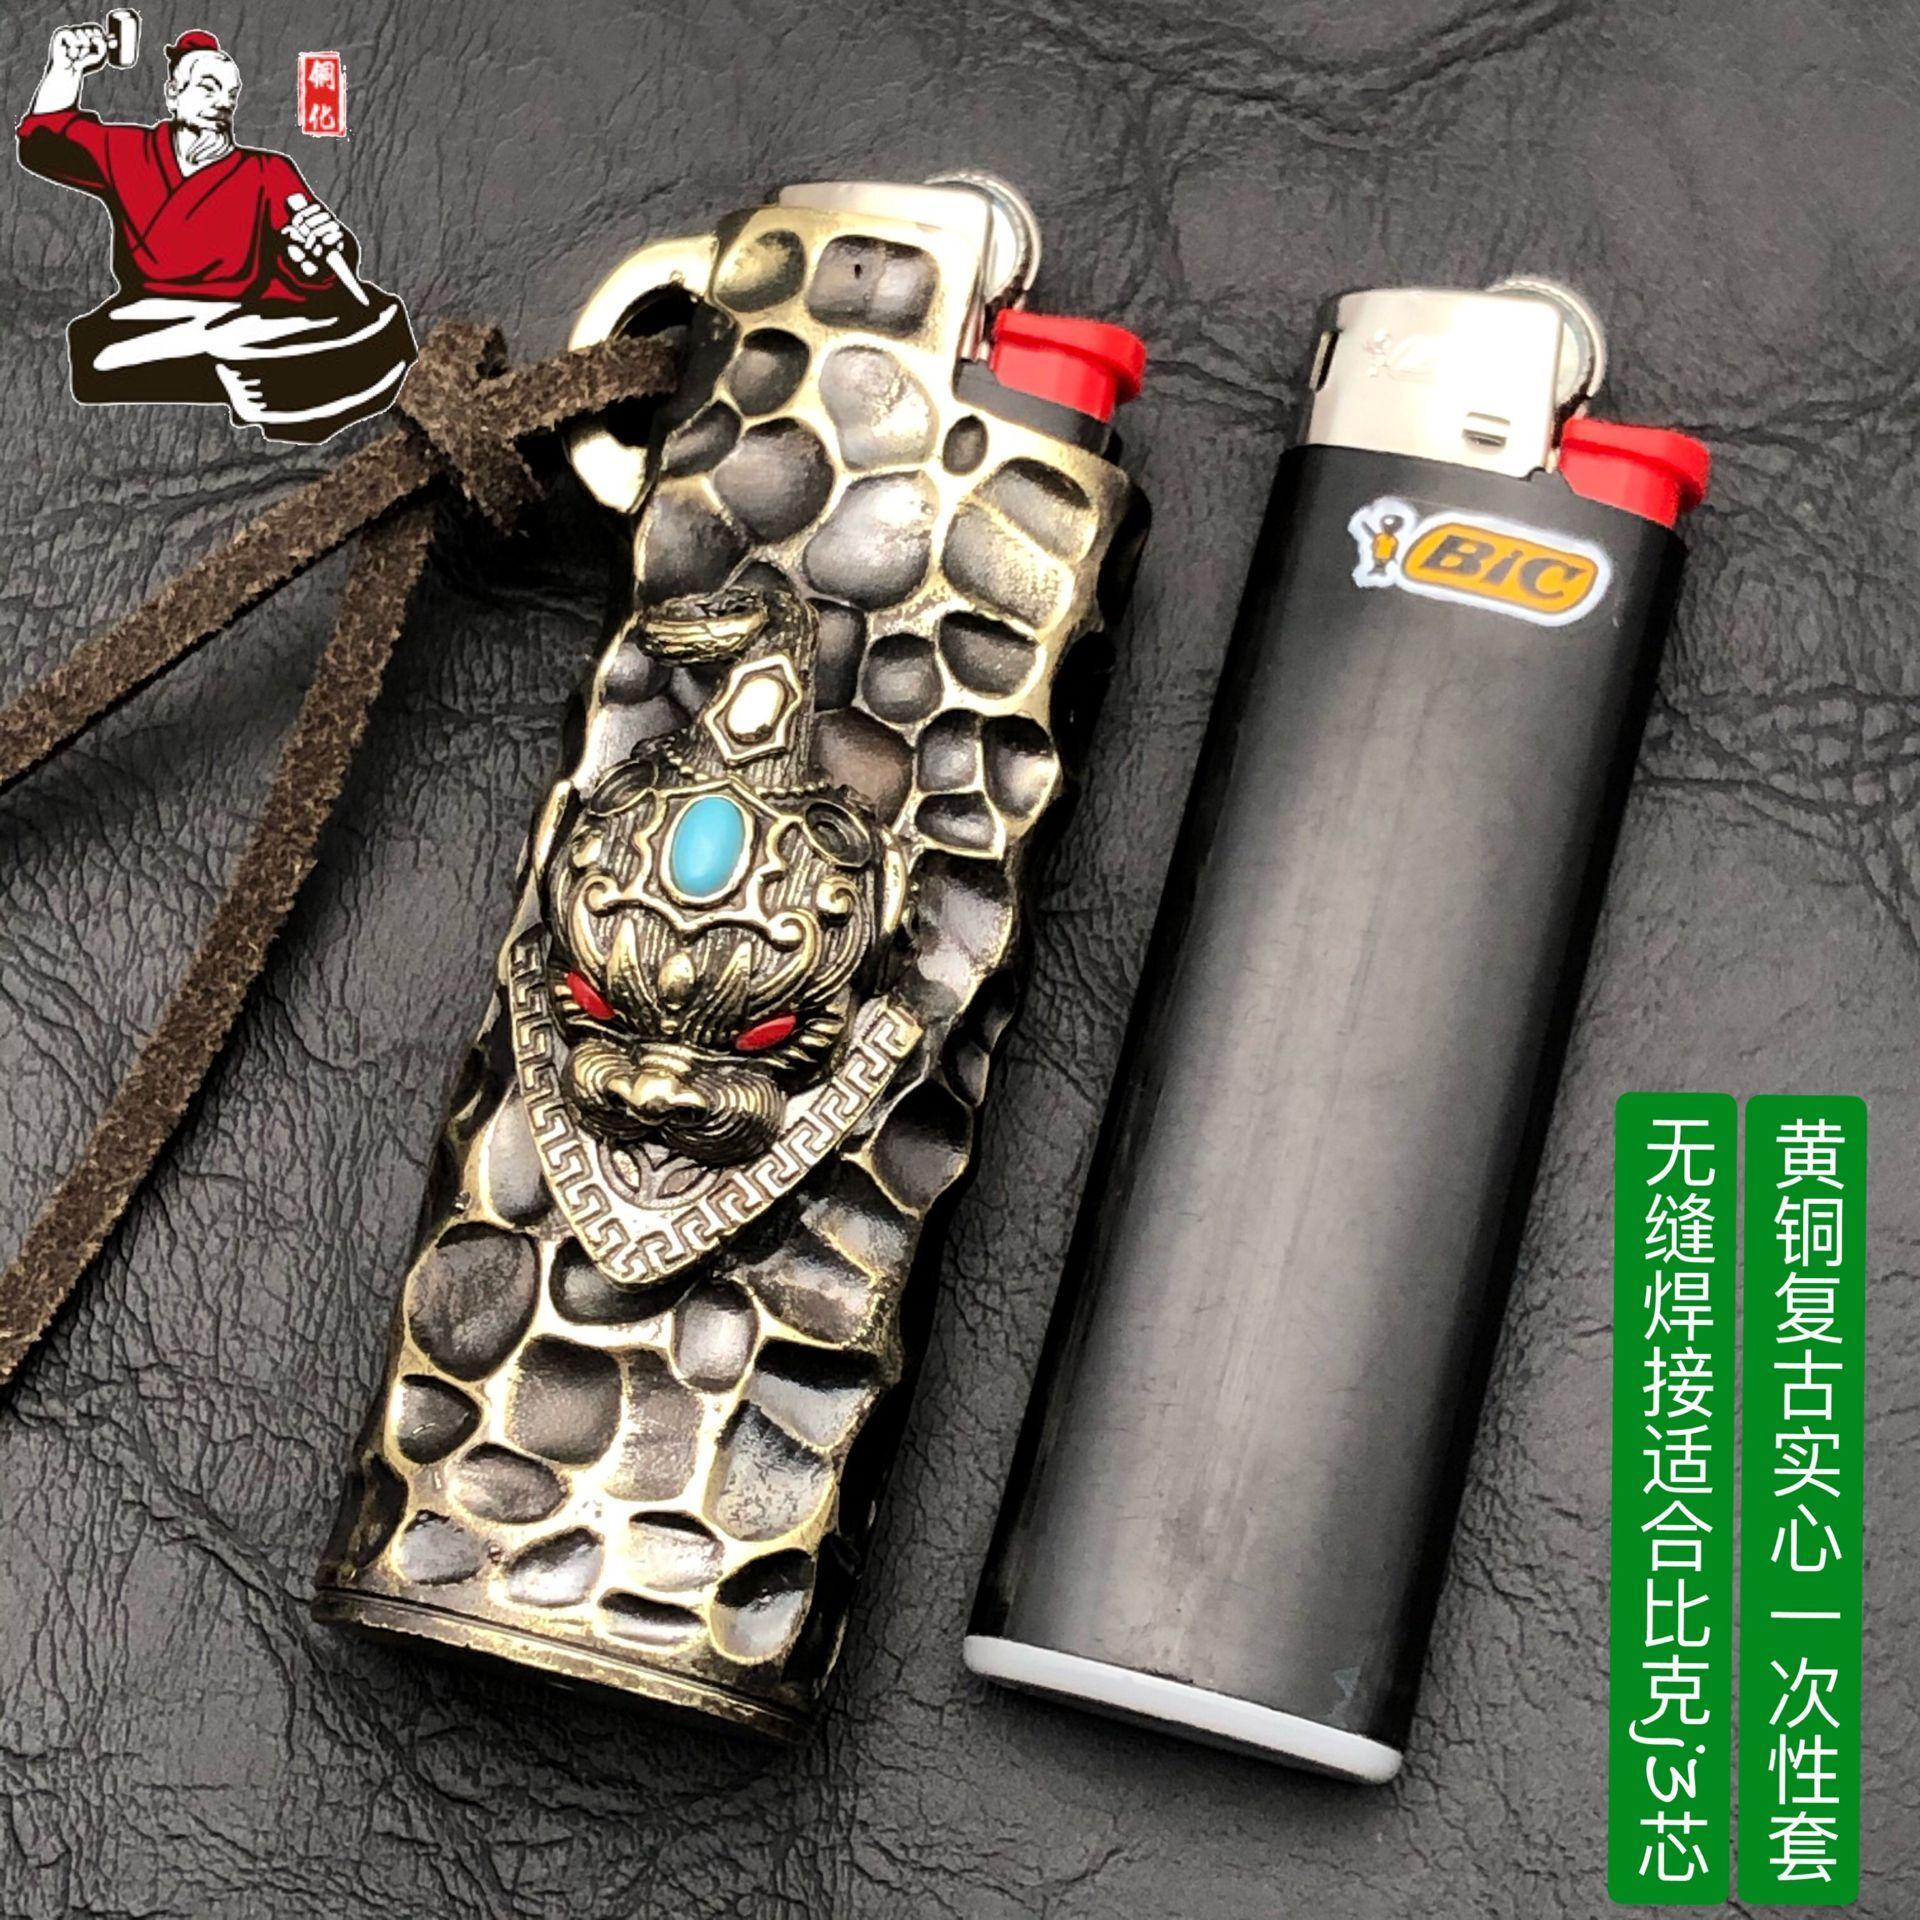 【铜化】招财貔貅骷髅黄铜手工一次性套打火机比克j3纯铜套把玩品